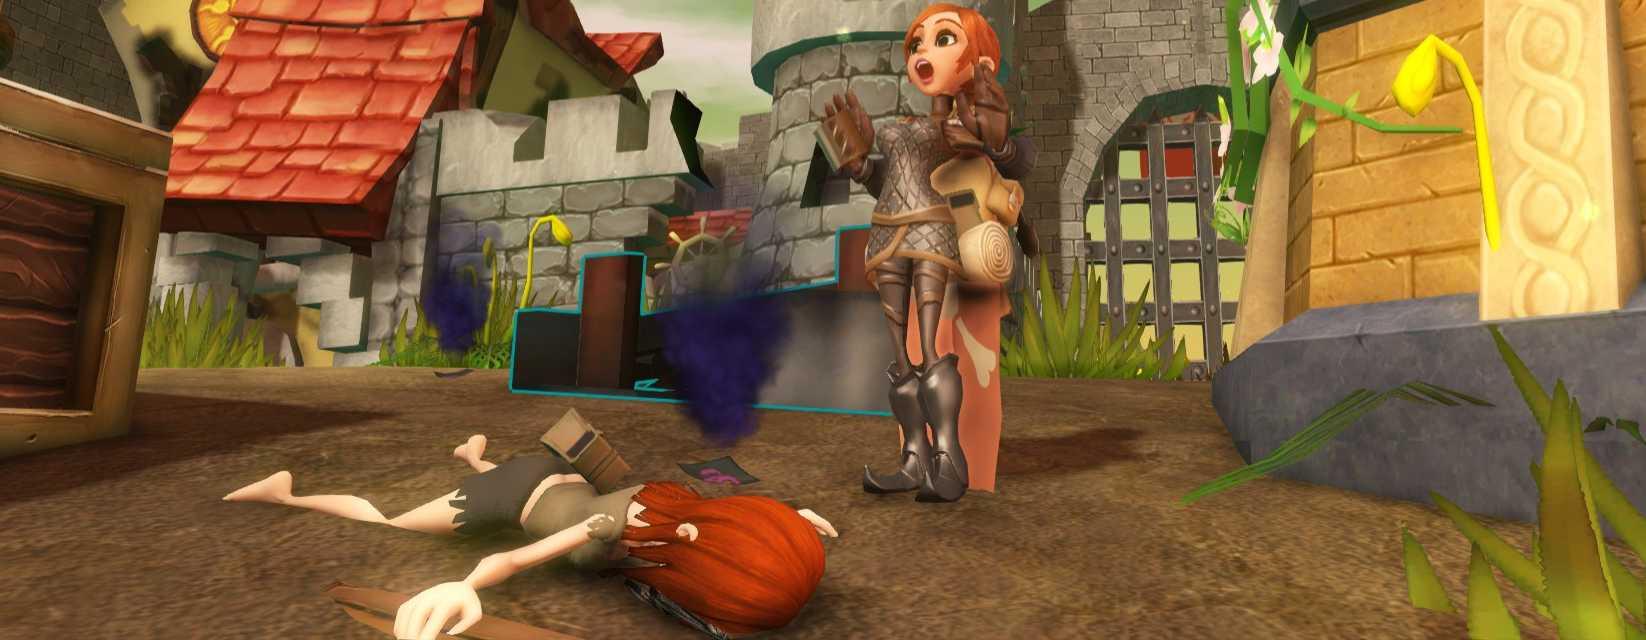 """MMORPG Tree of Life sagt: """"Besser wird das Spiel nicht mehr"""" – Stellt Entwicklung ein"""